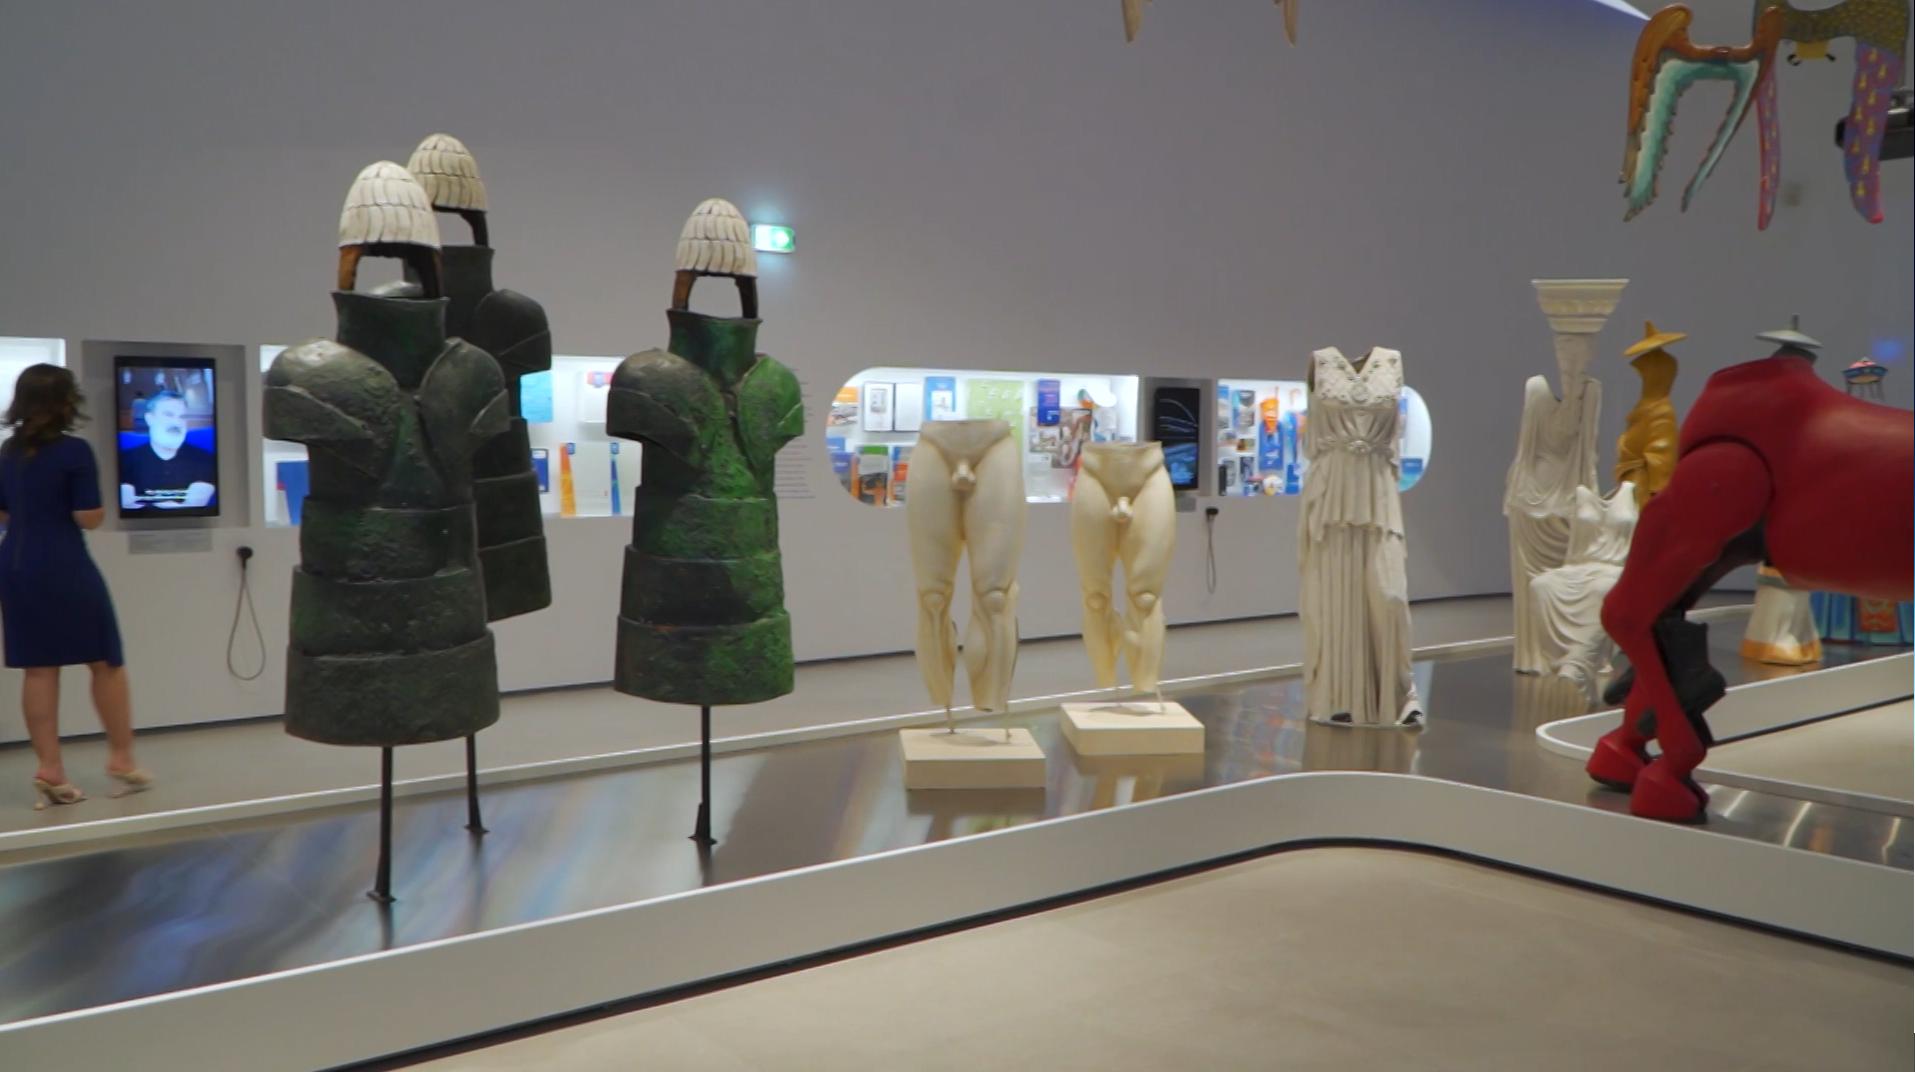 ათენის ოლიმპიური თამაშების მუზეუმი